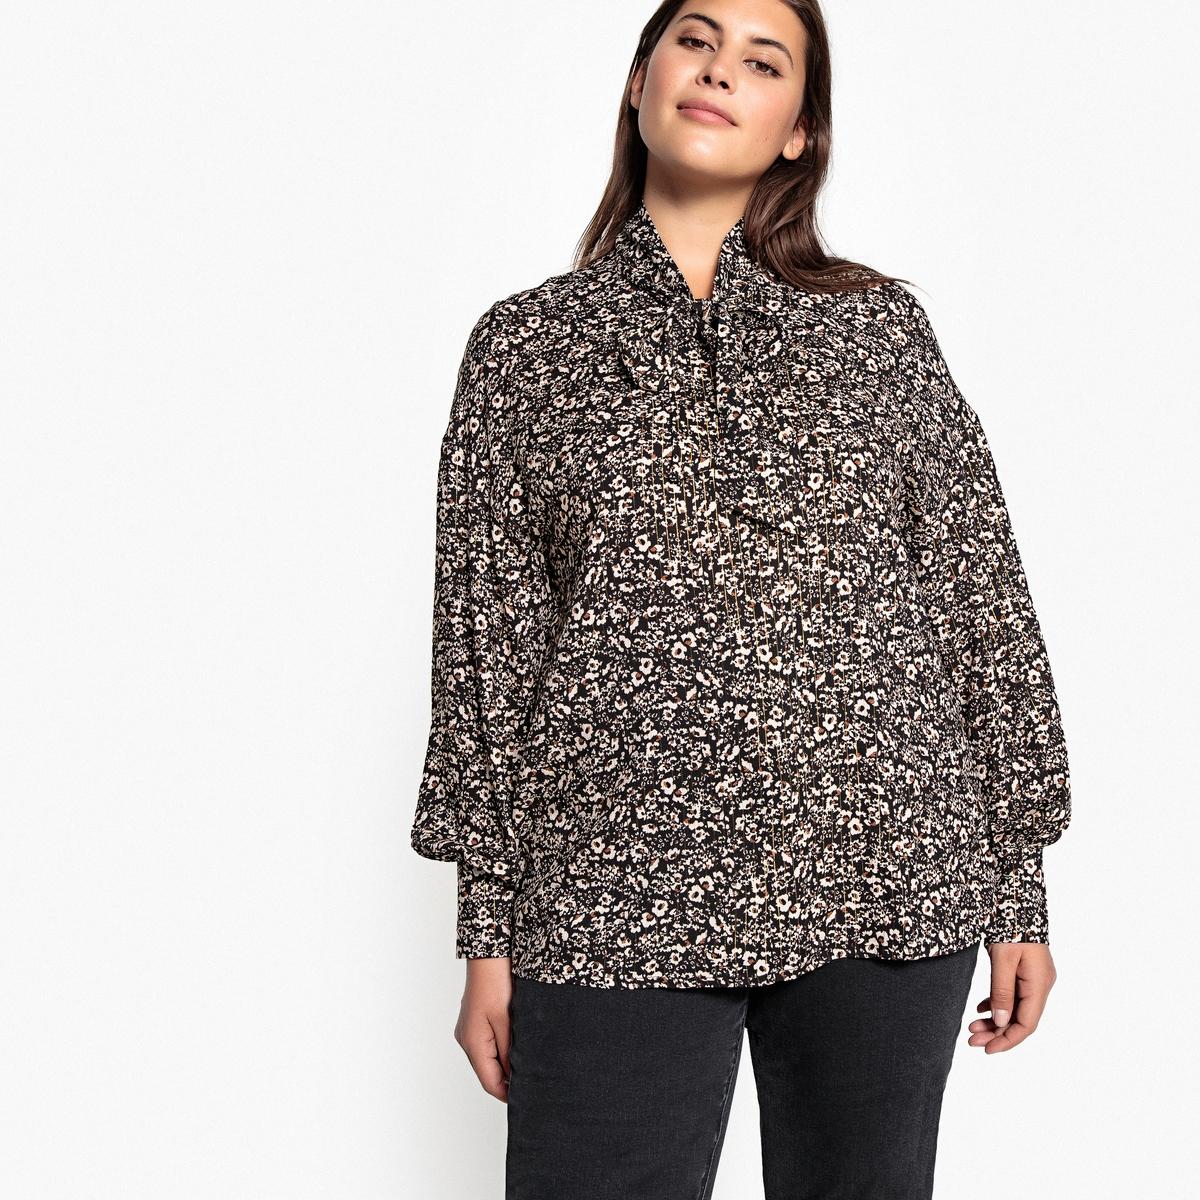 Рубашка La Redoute С завязками с леопардовым принтом 42 (FR) - 48 (RUS) другие куртка la redoute легкая укороченная с леопардовым принтом 34 fr 40 rus другие